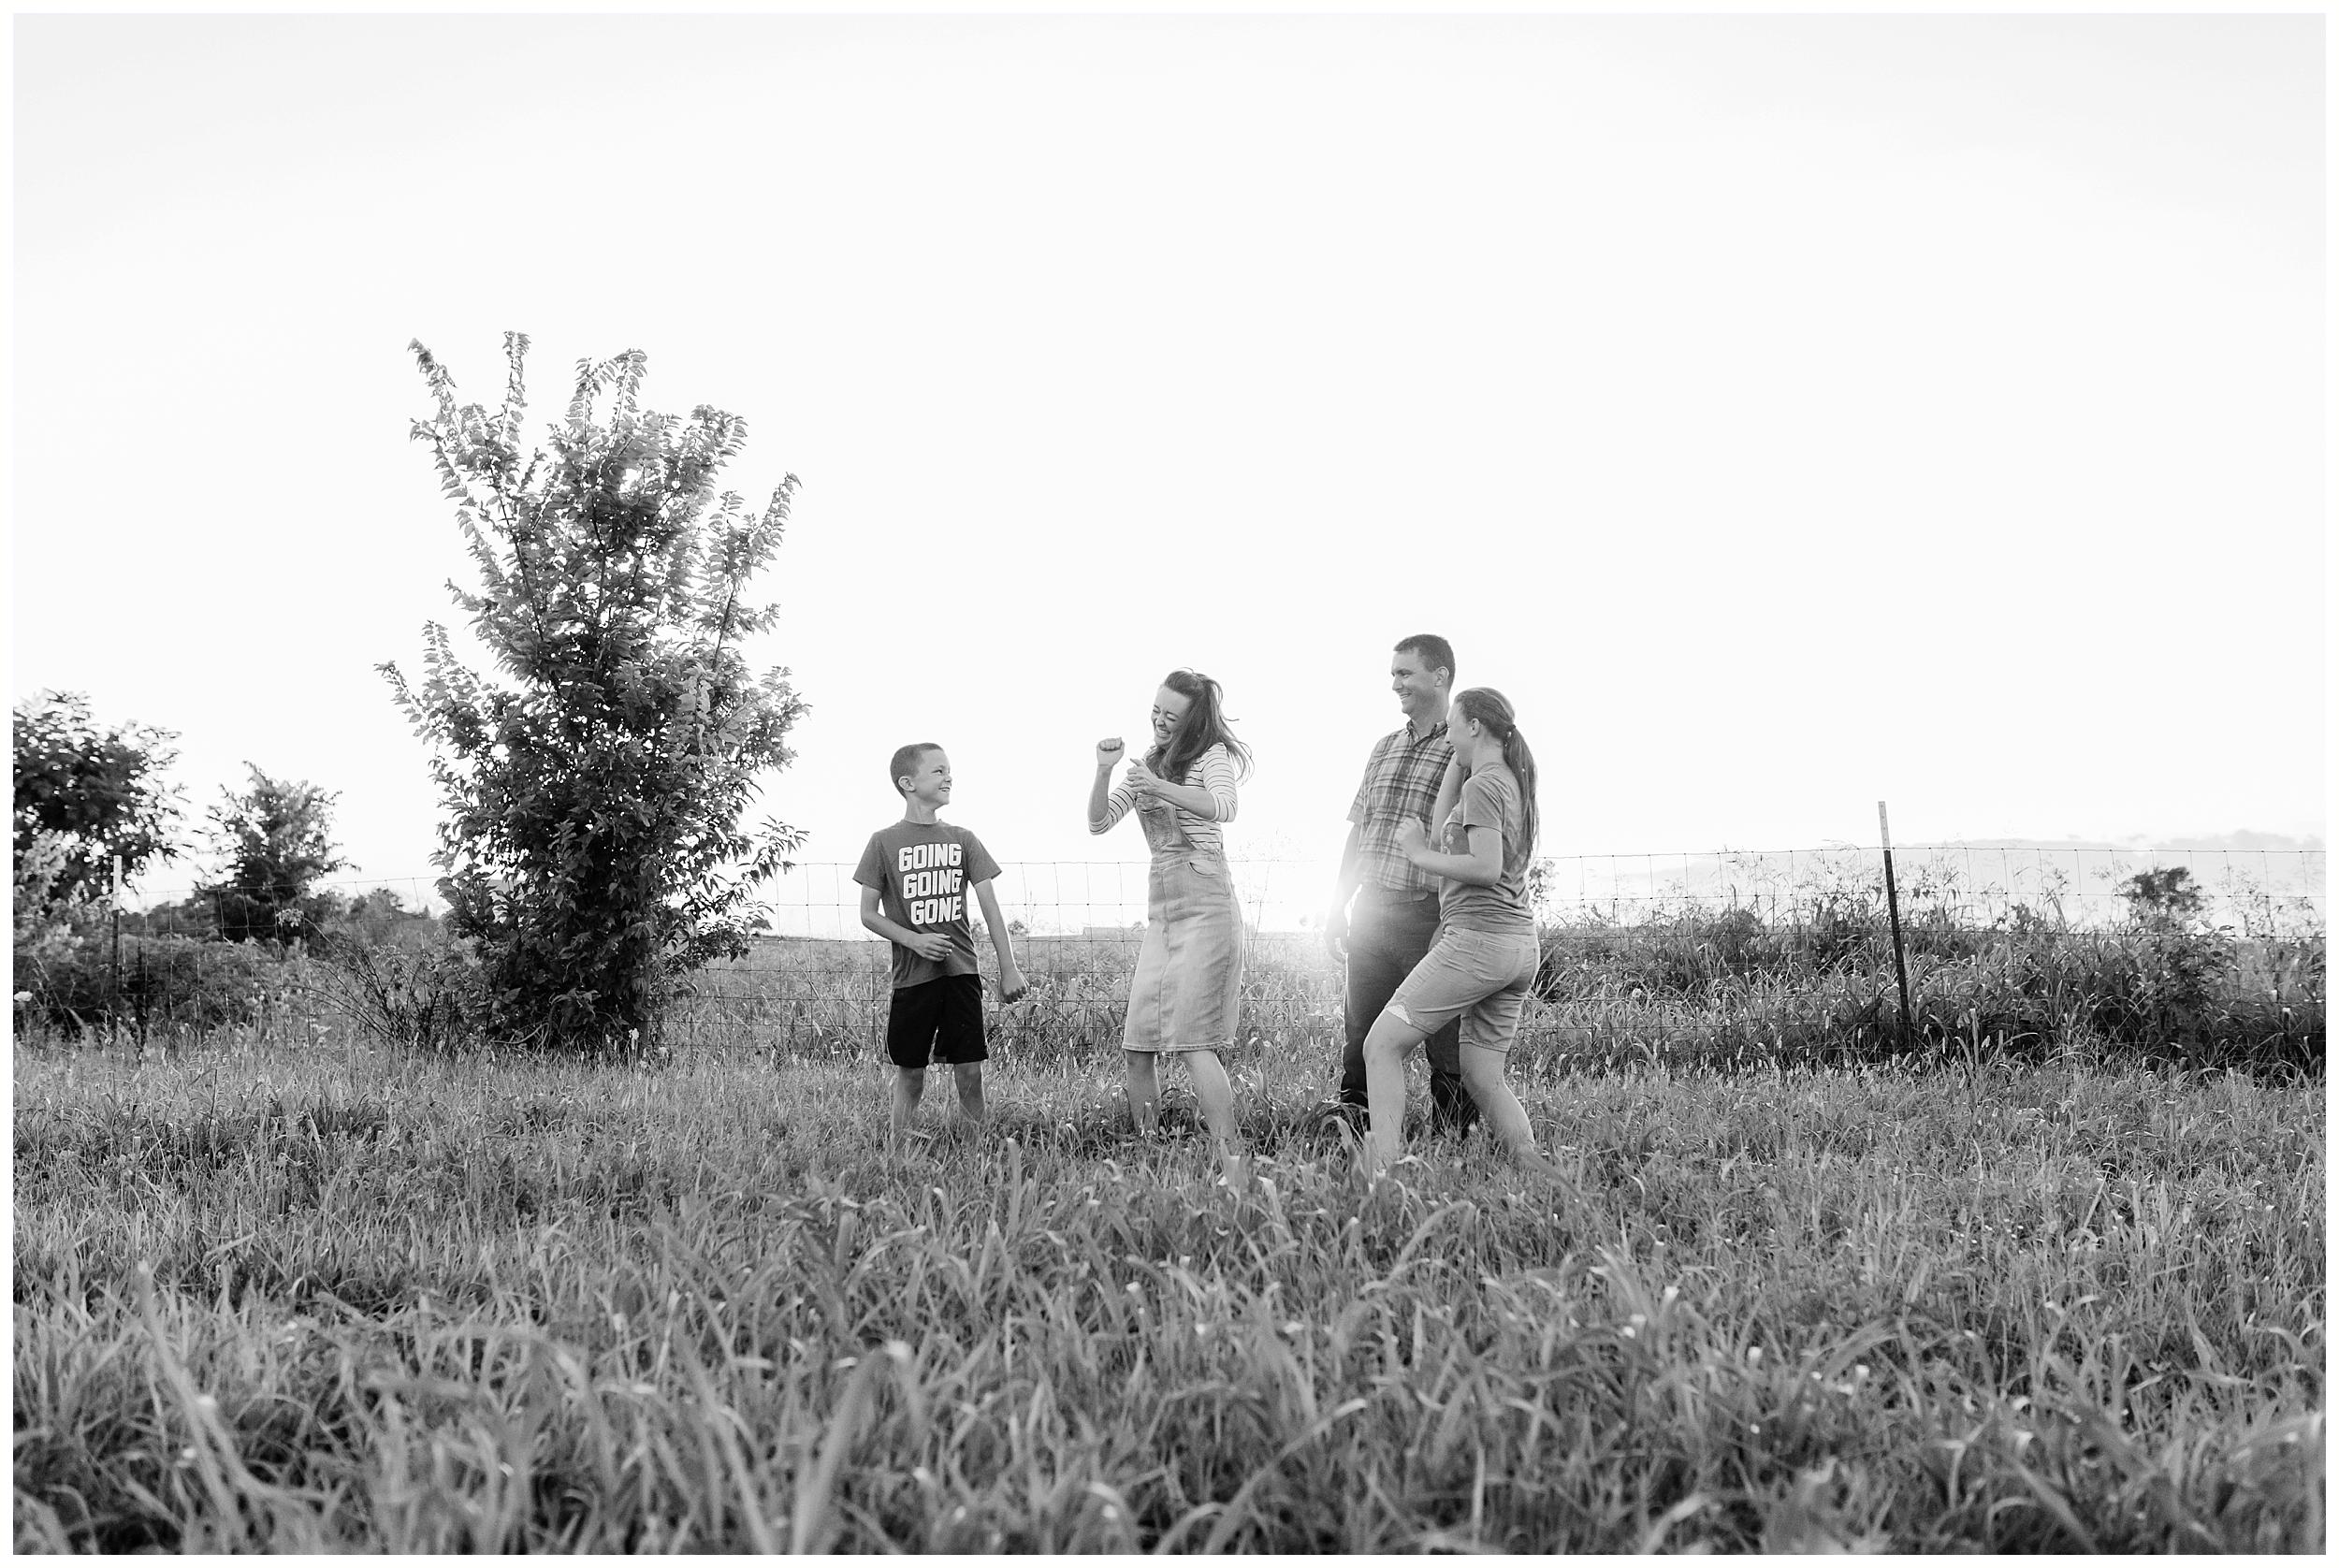 lexington-ky-family-lifestyle-photos-by-priscilla-baierlein_0523.jpg